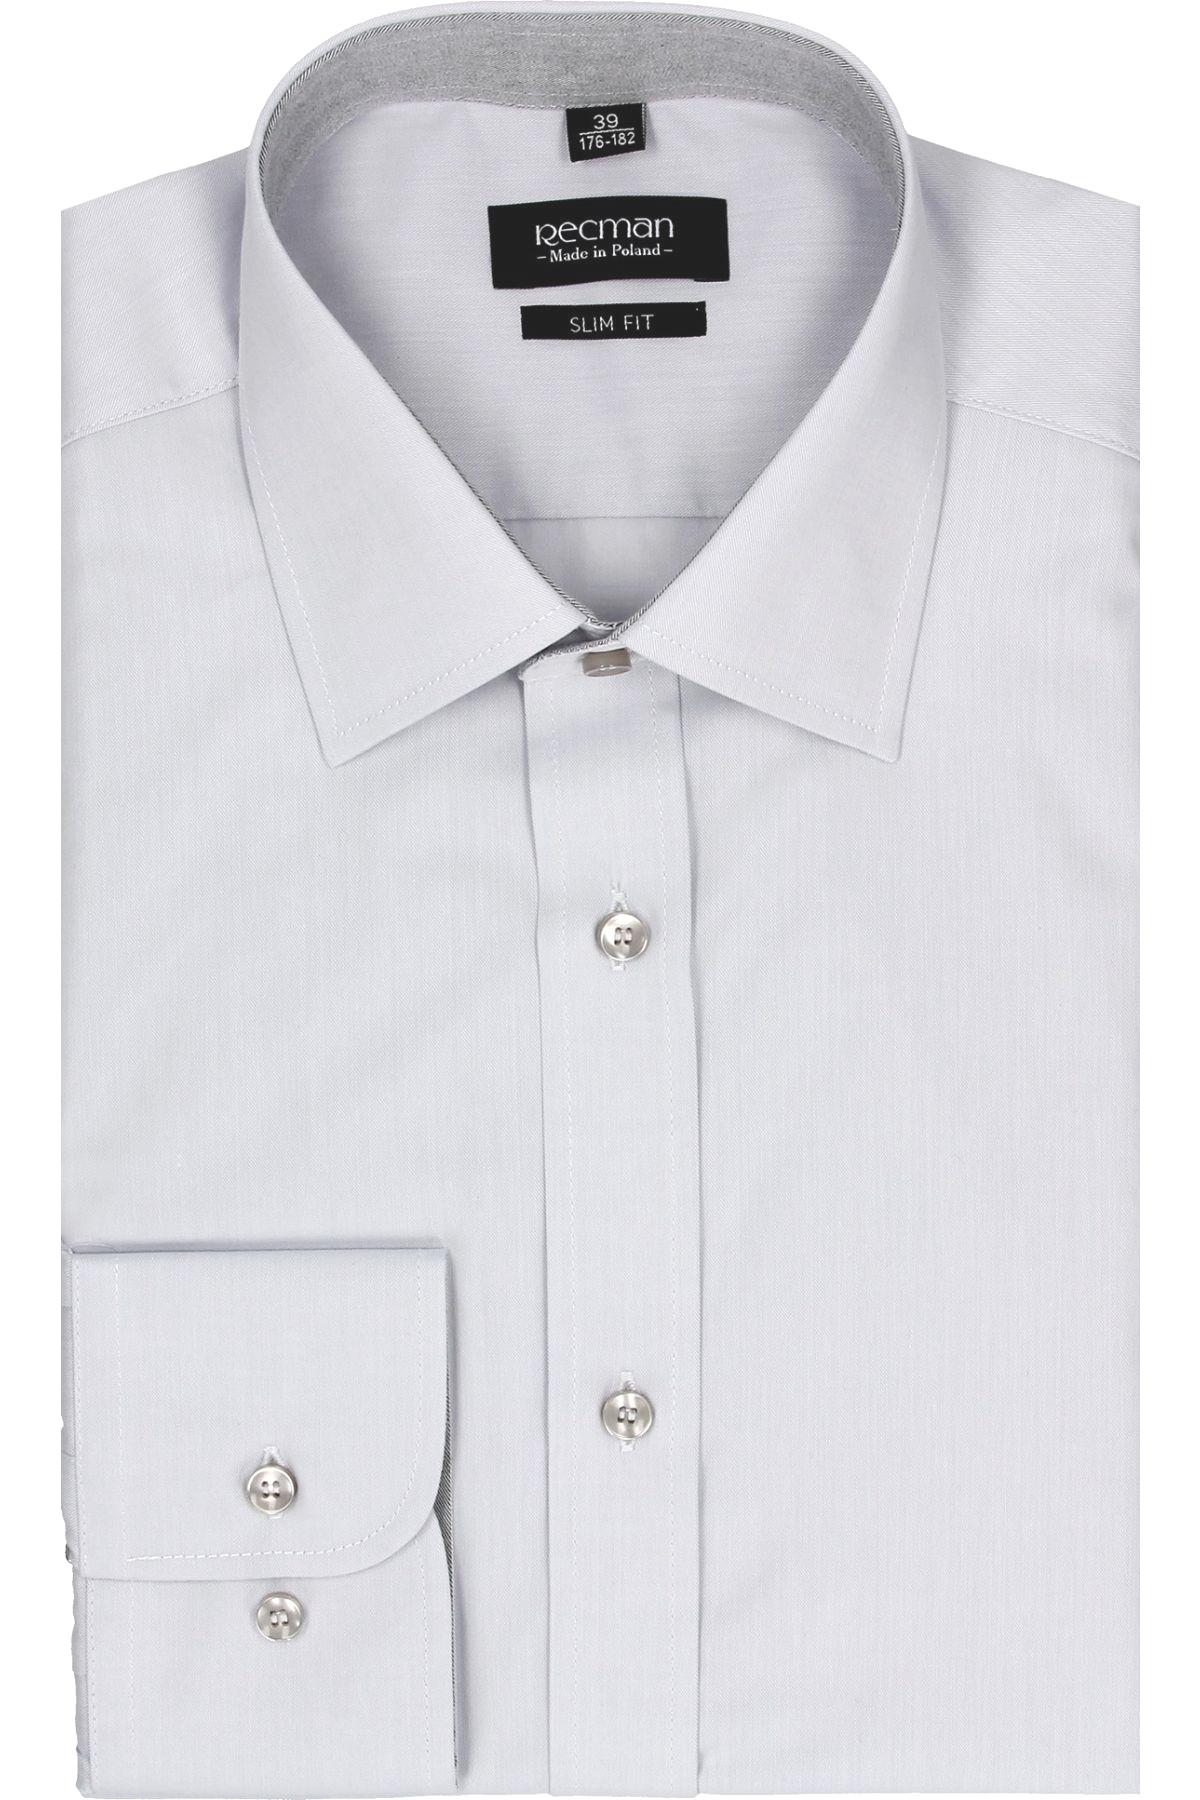 koszula bexley 2499 długi rękaw slim fit szary